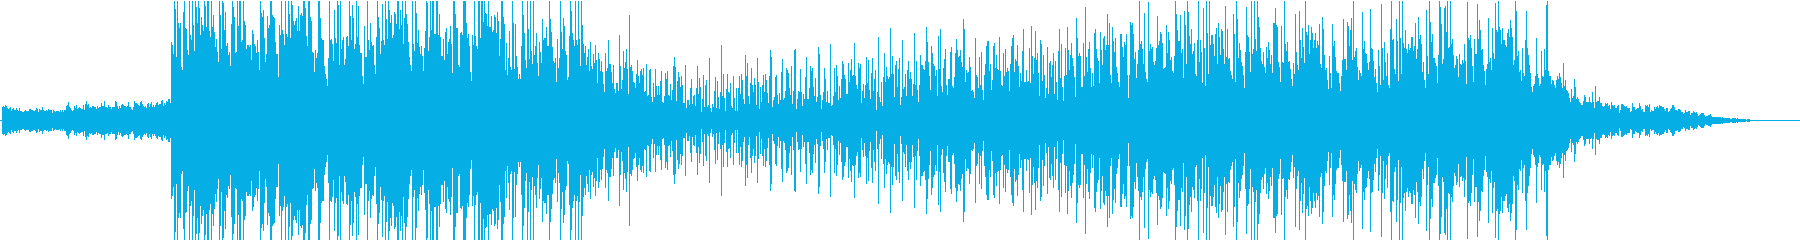 電気楽器。暗い、神秘的な配達。不吉...の再生済みの波形